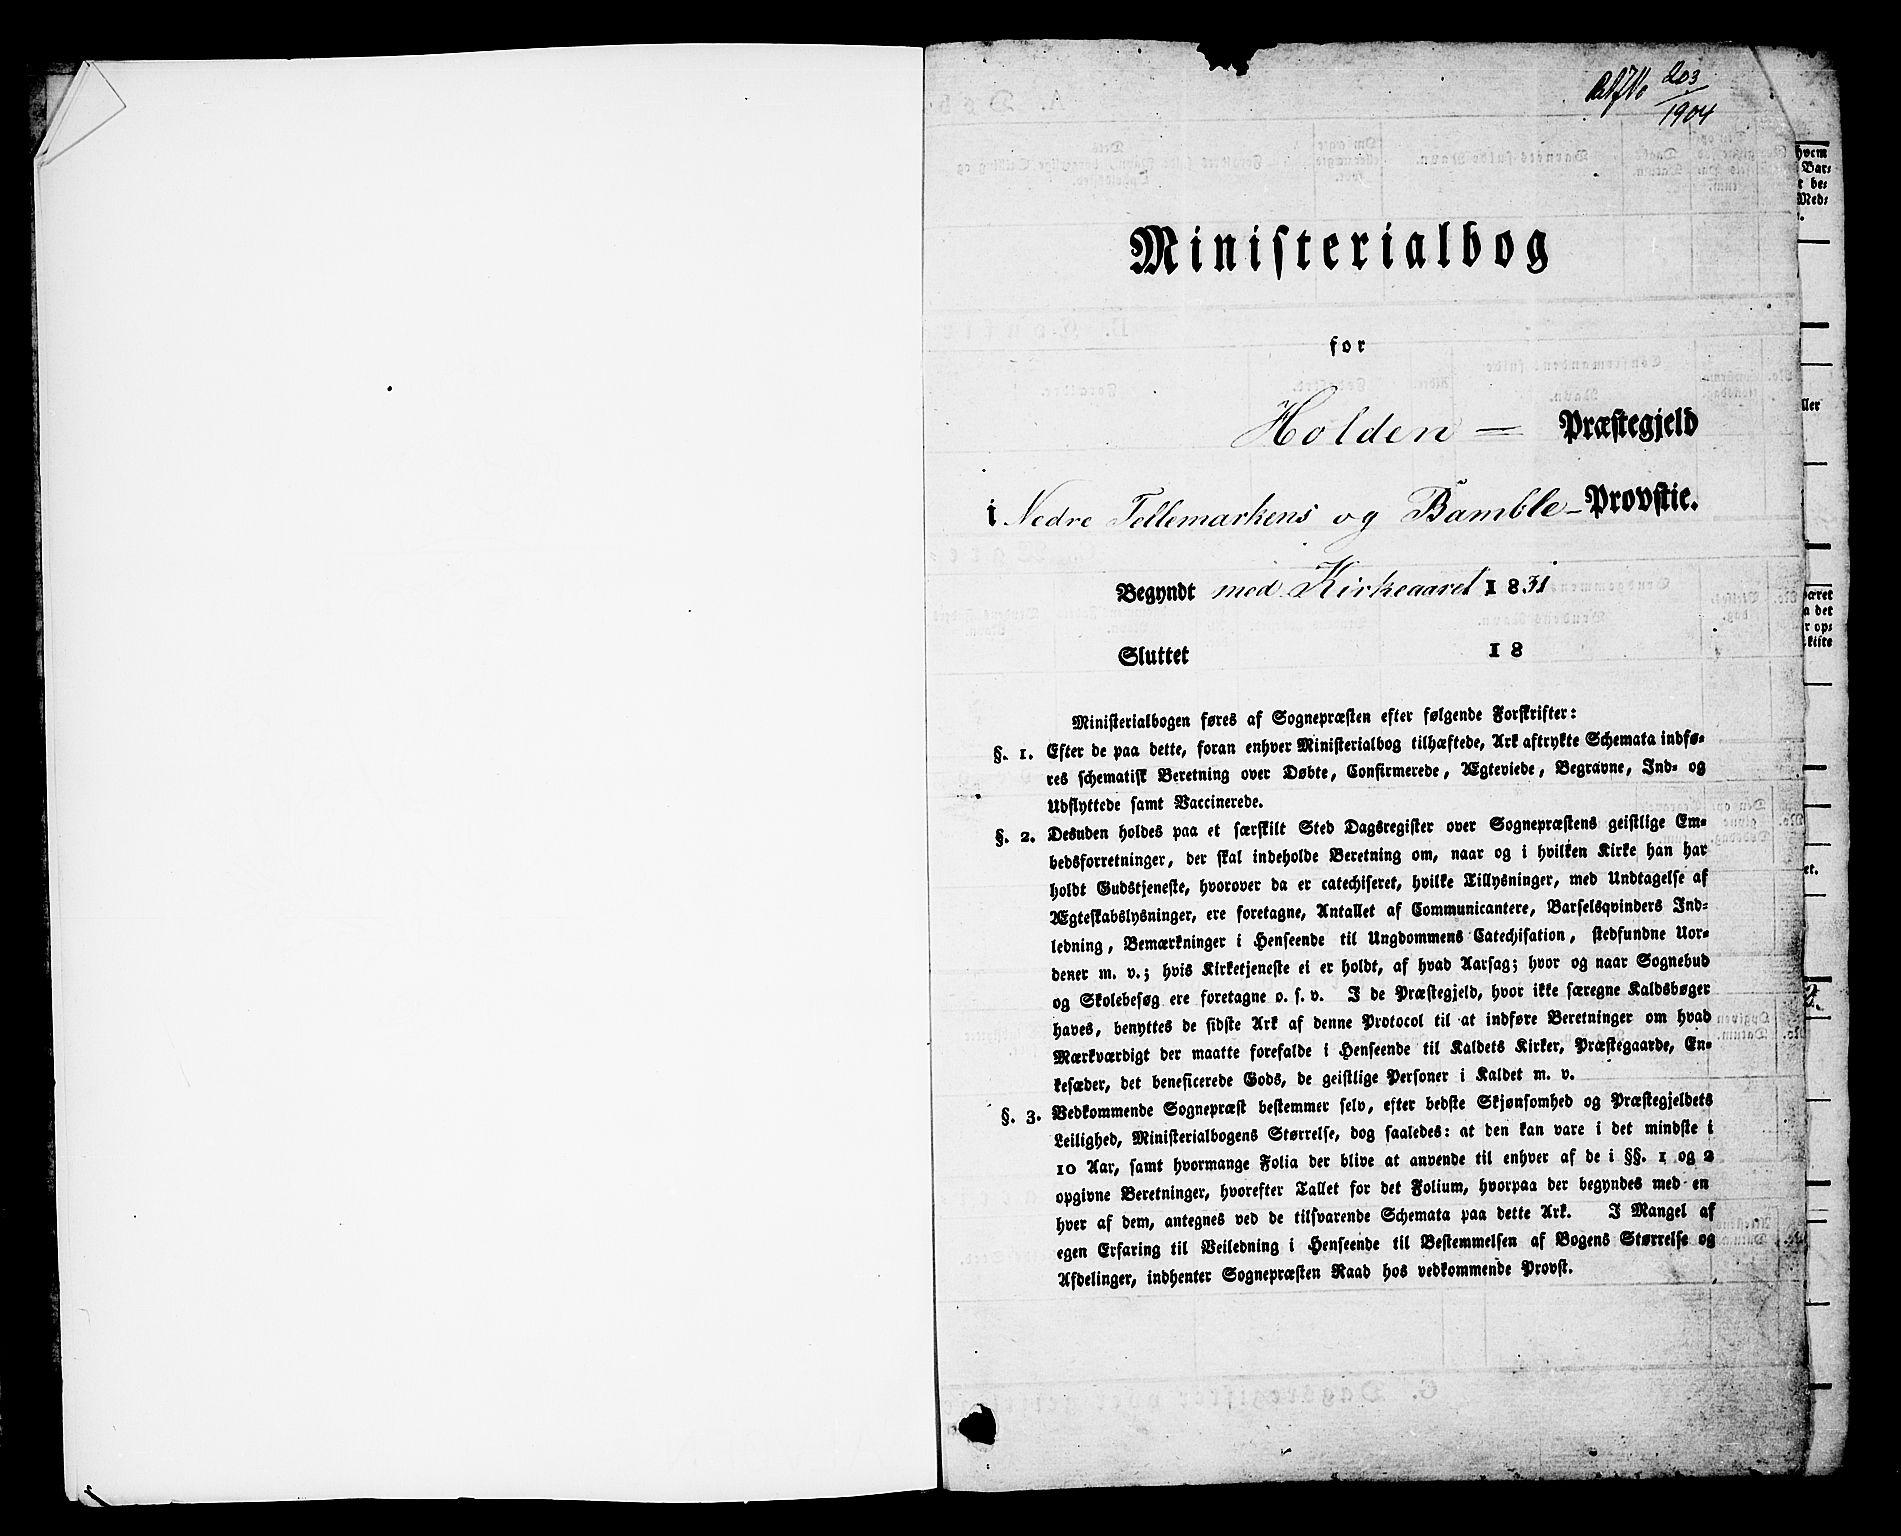 SAKO, Holla kirkebøker, G/Ga/L0002: Klokkerbok nr. I 2, 1830-1848